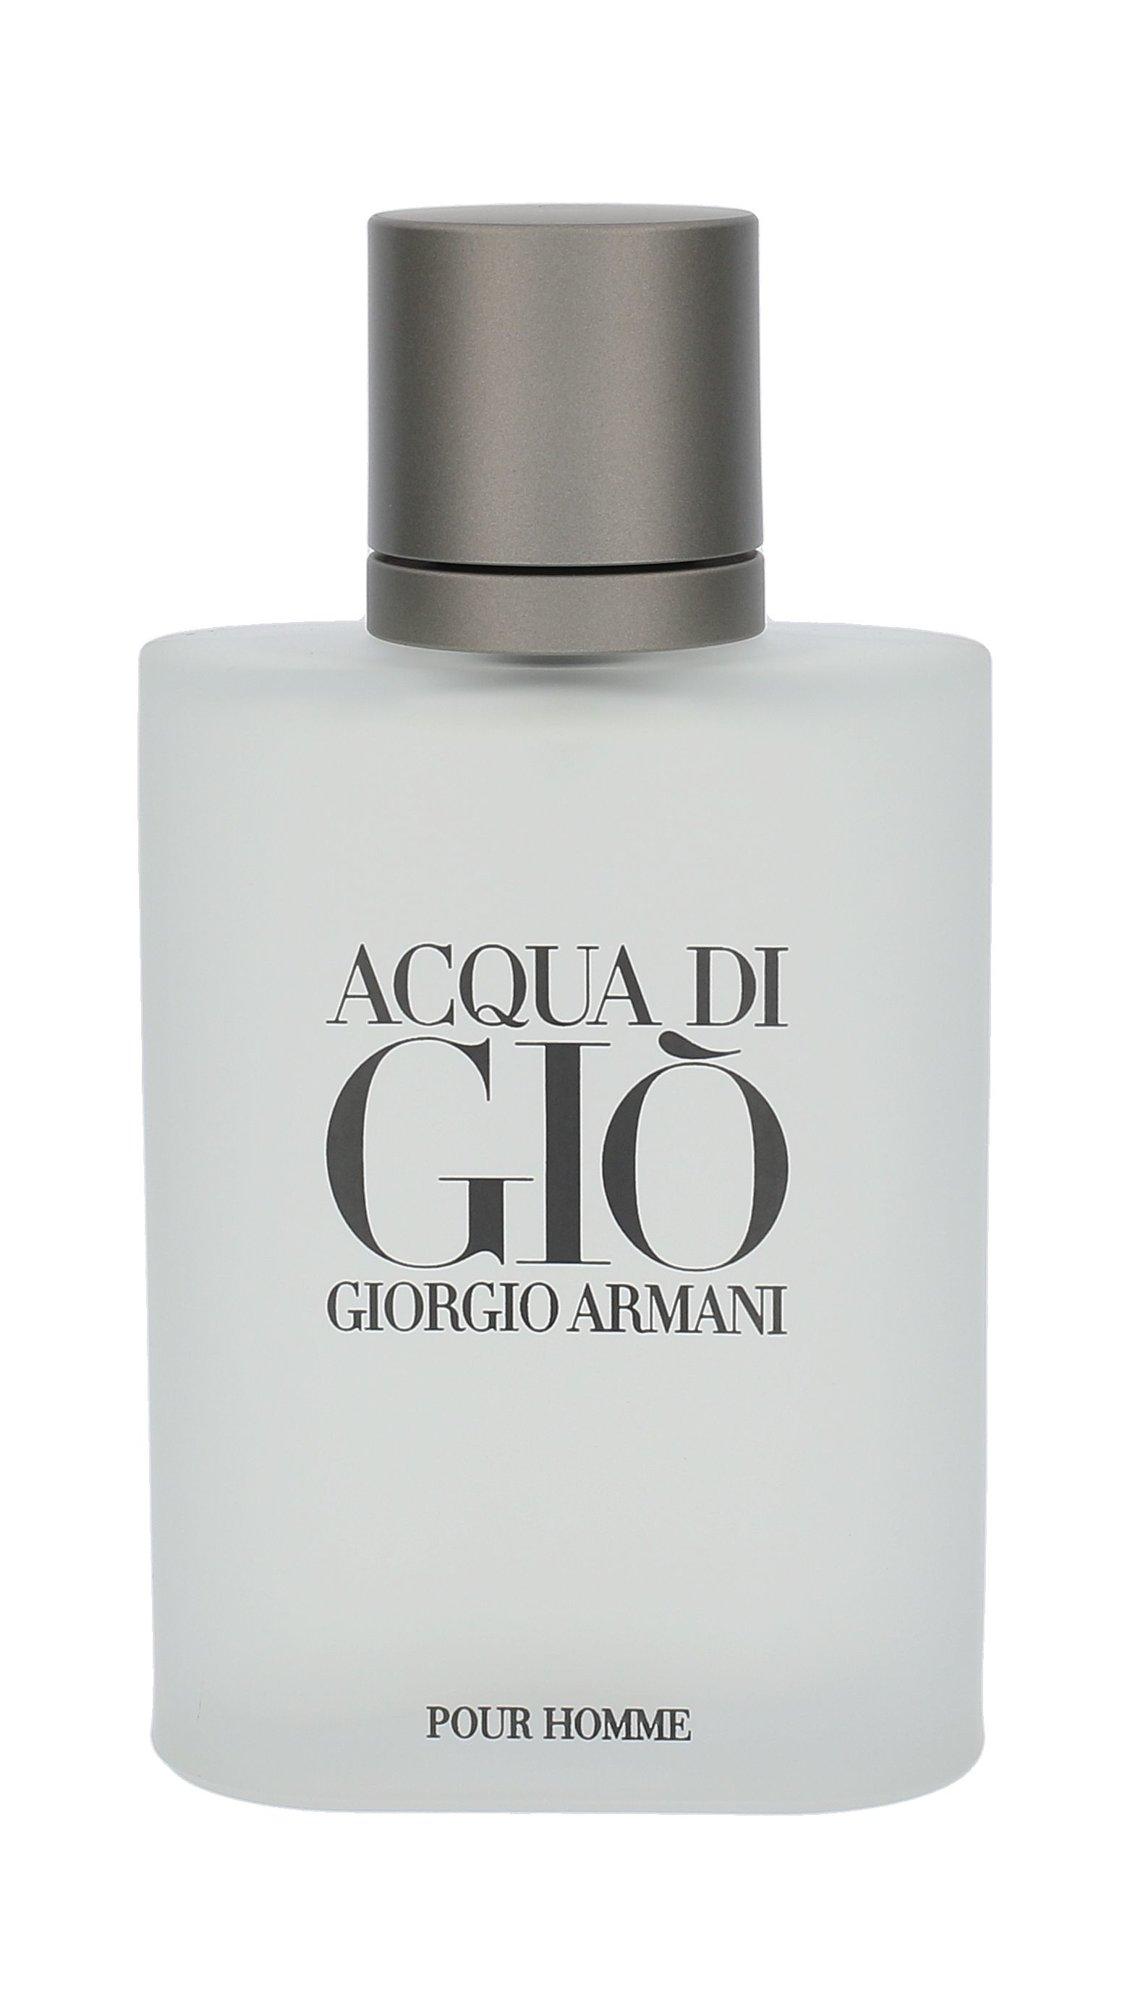 Giorgio Armani Acqua di Gio EDT 100ml